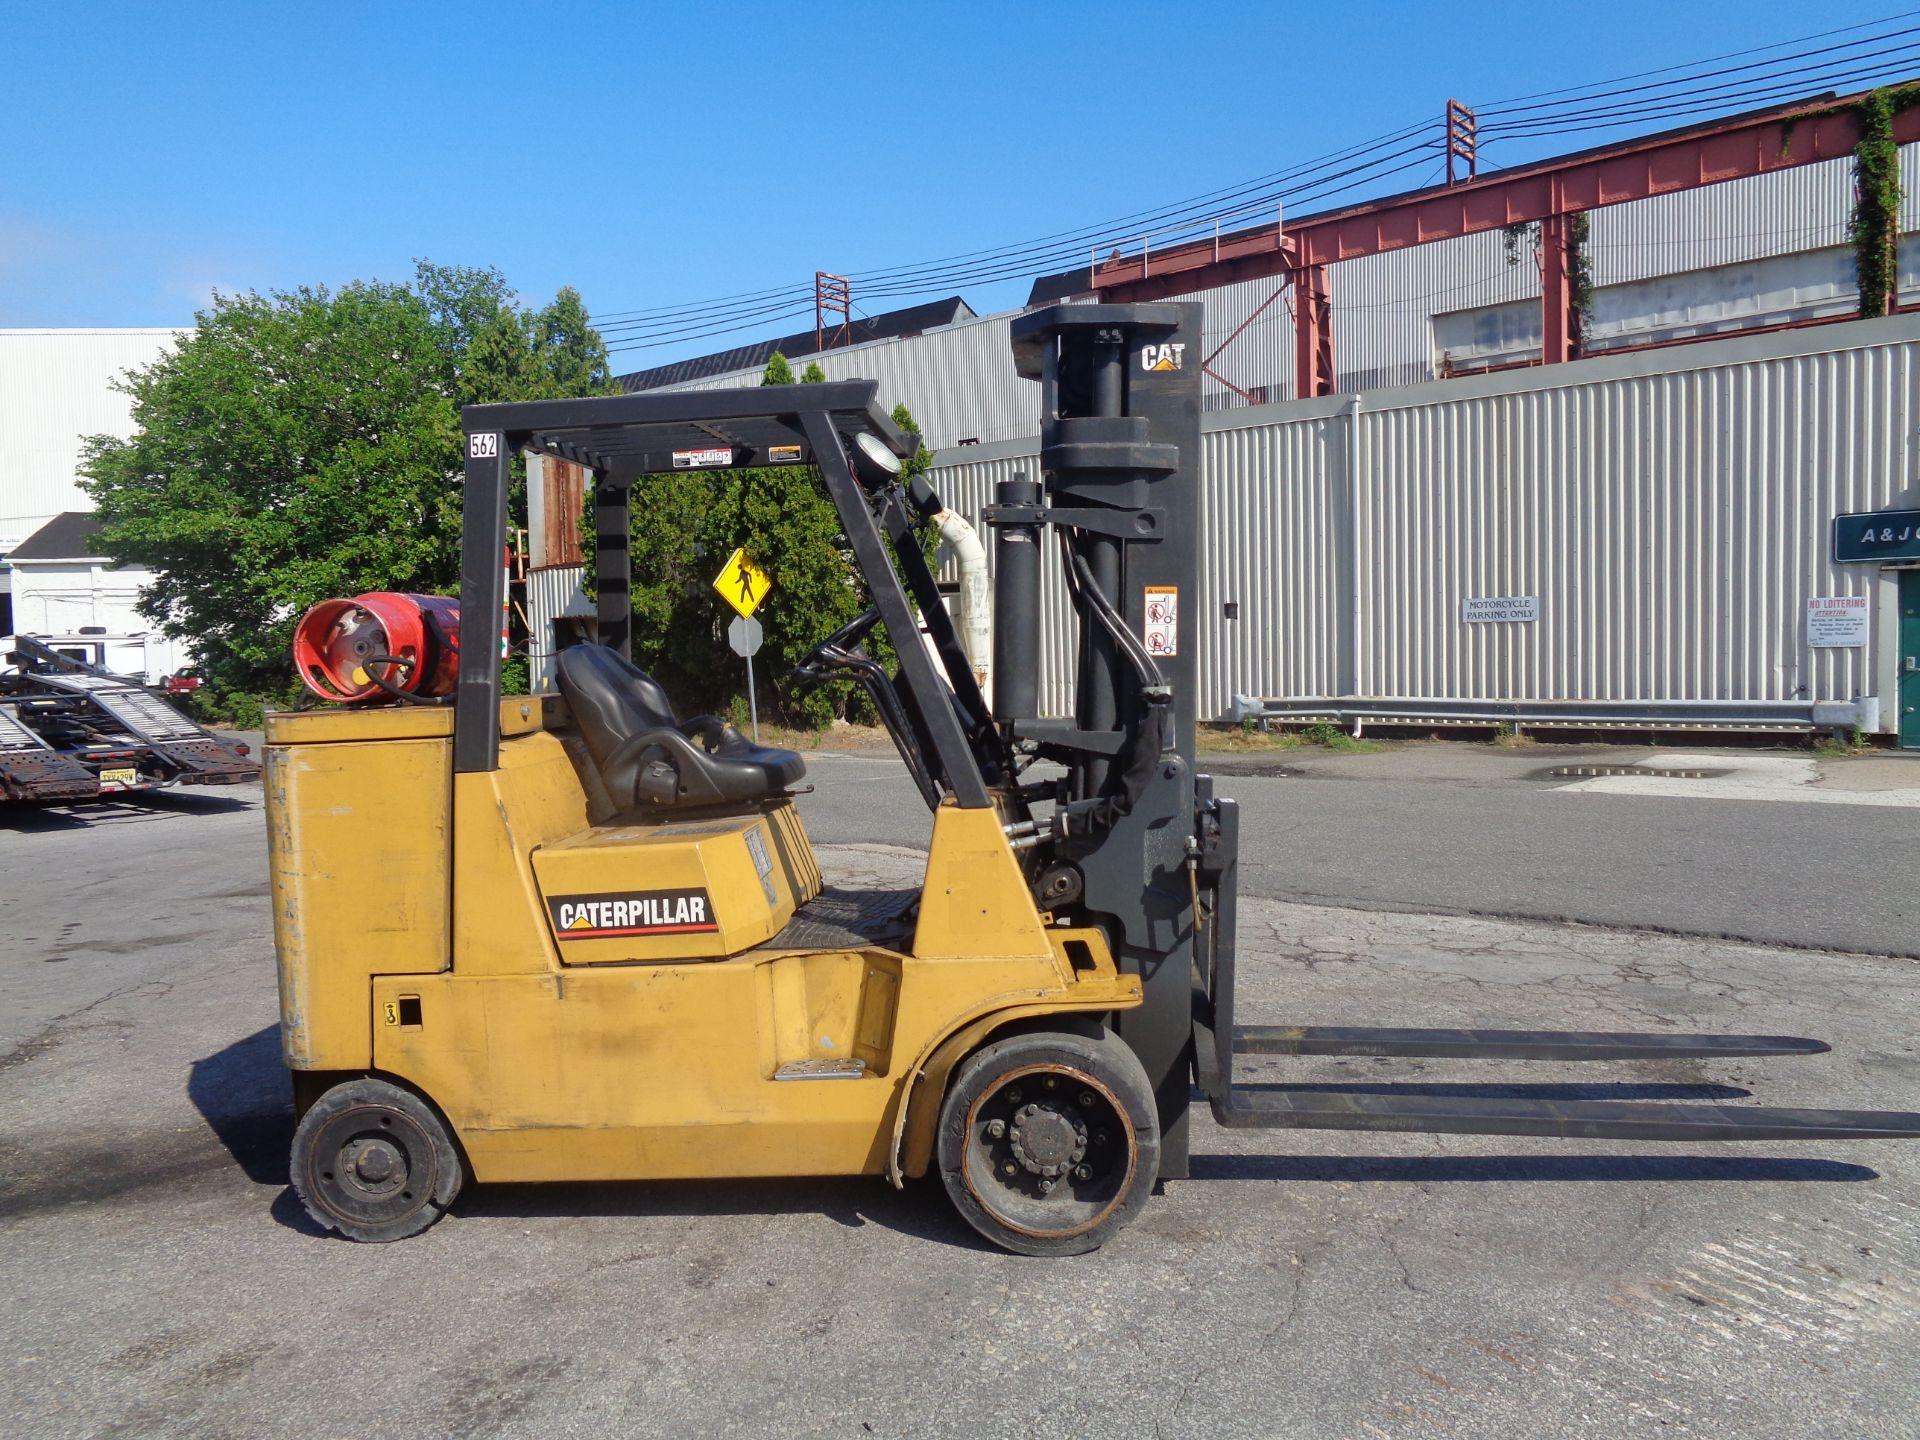 Caterpillar GC55KSTR 11,000lb Forklift - Image 6 of 14